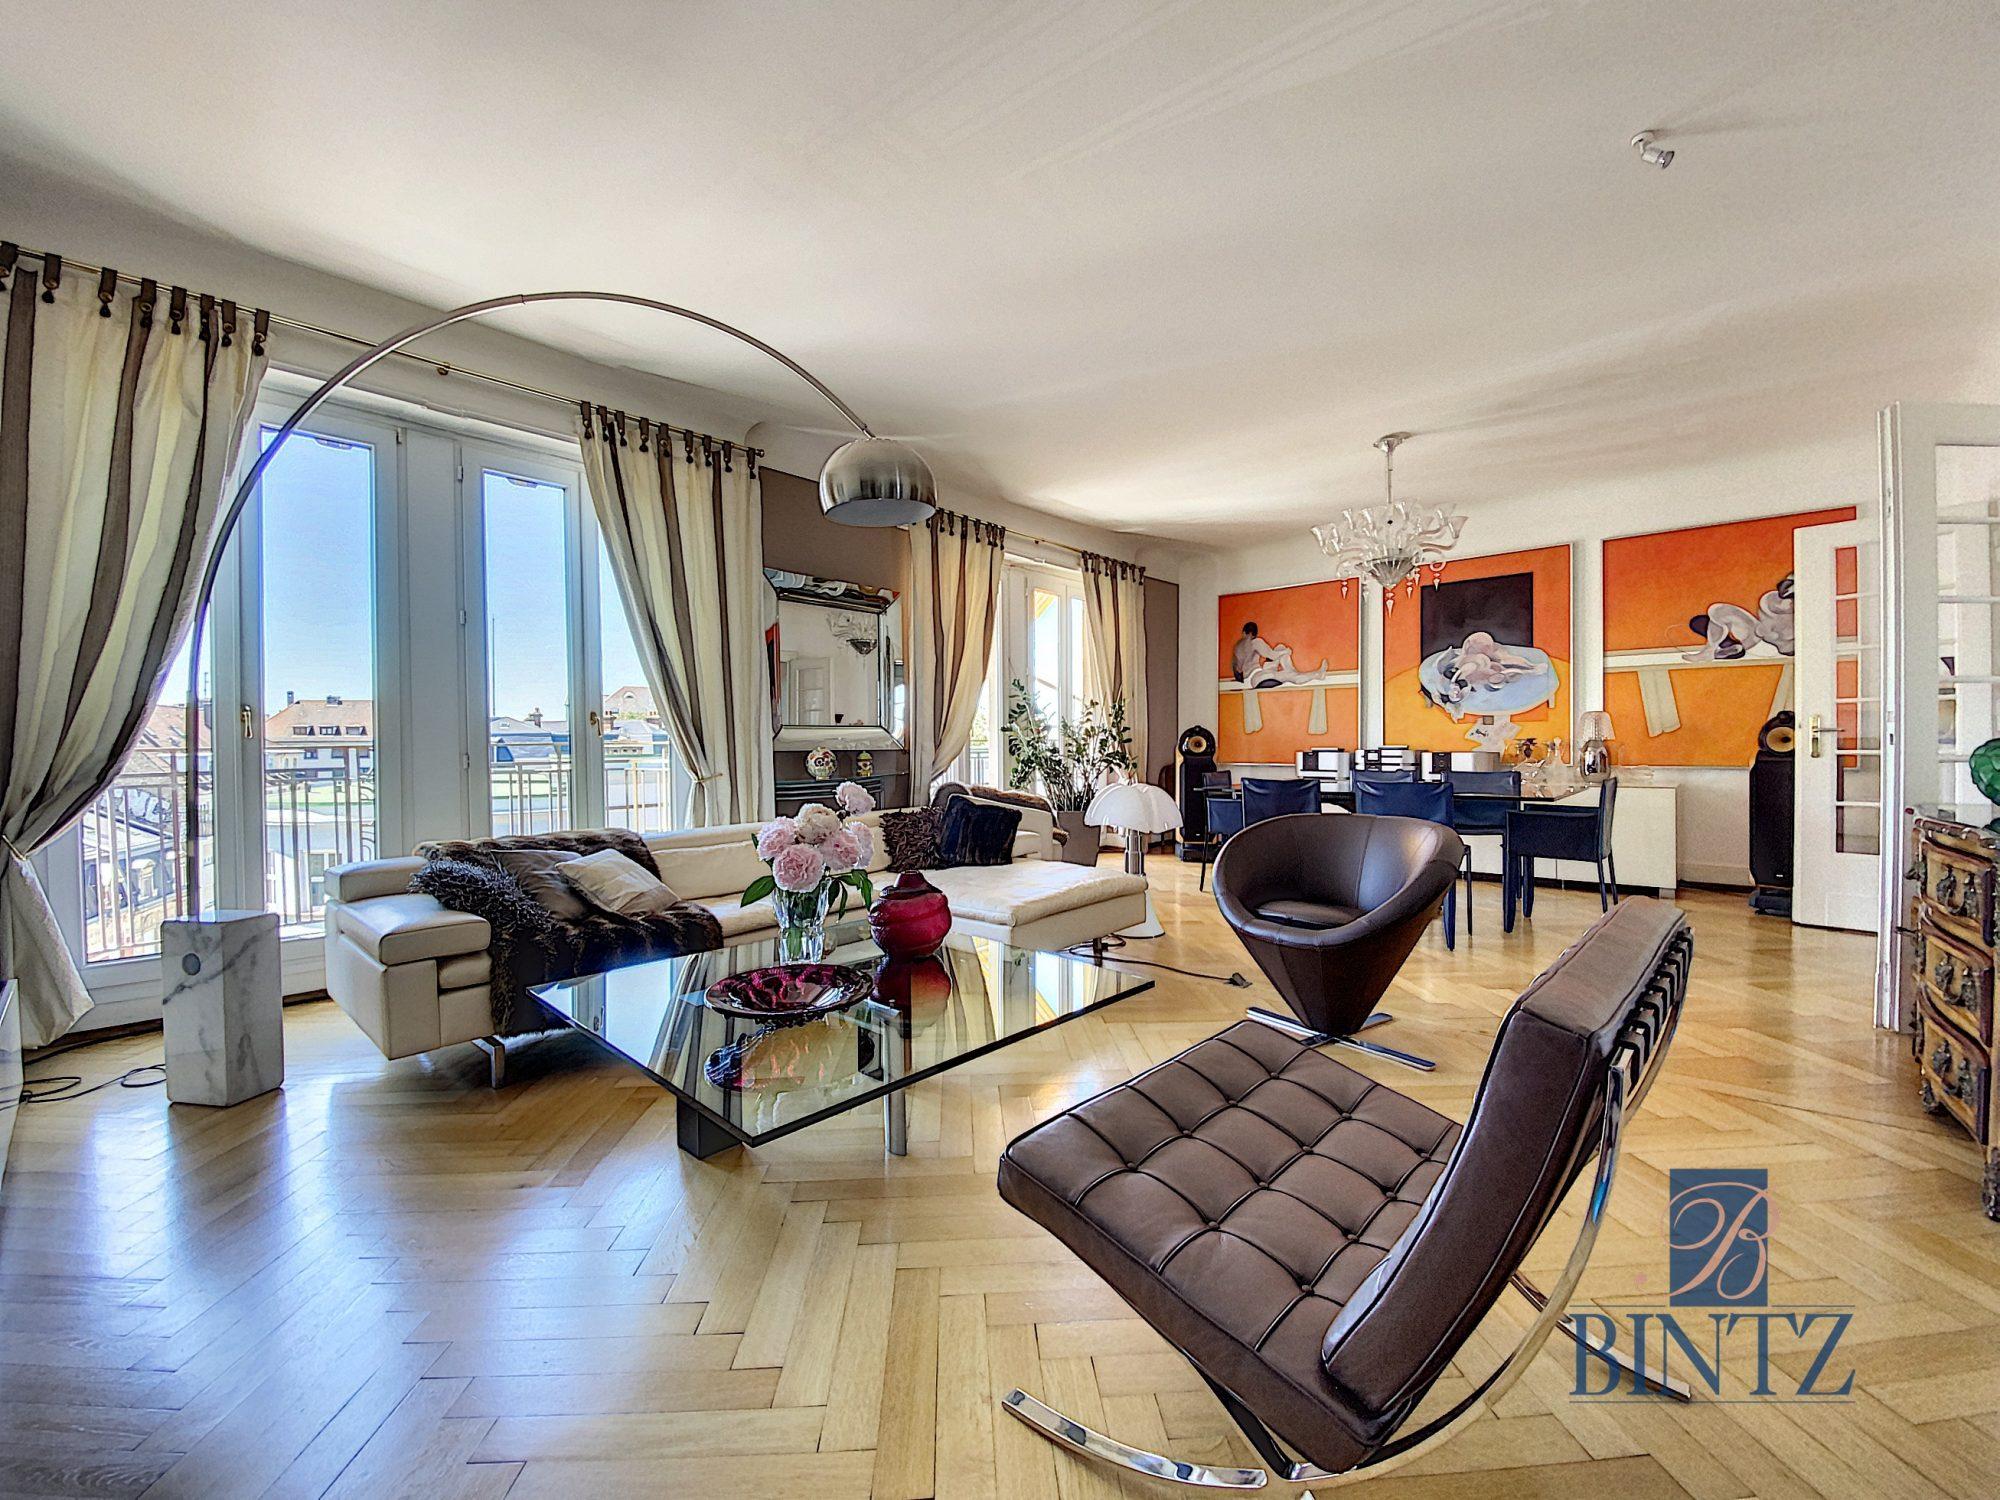 5 PIÈCES QUARTIER DES HALLES - Devenez propriétaire en toute confiance - Bintz Immobilier - 2